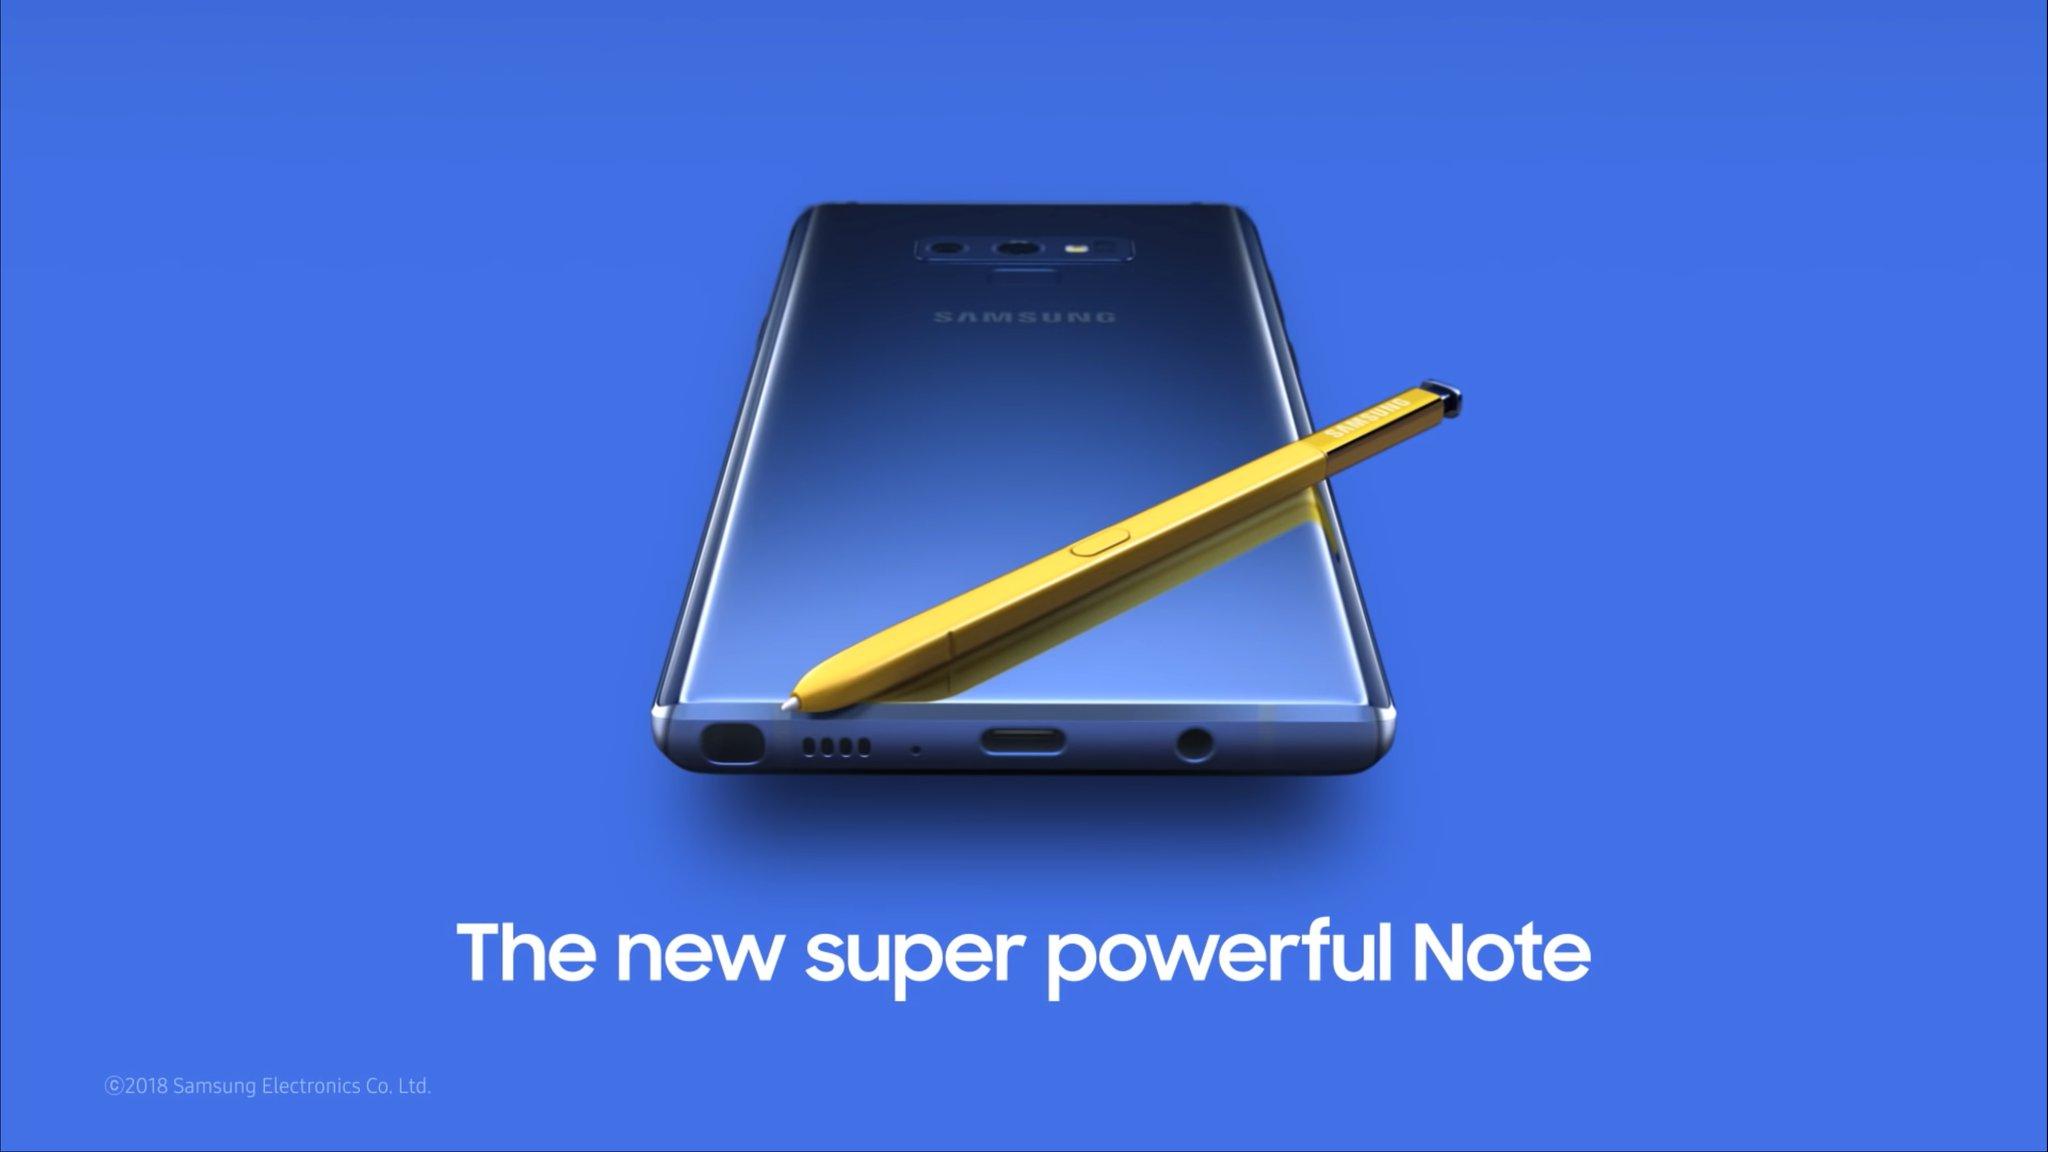 Le Samsung Galaxy Note 9 est disponible à l'achat chez Boulanger